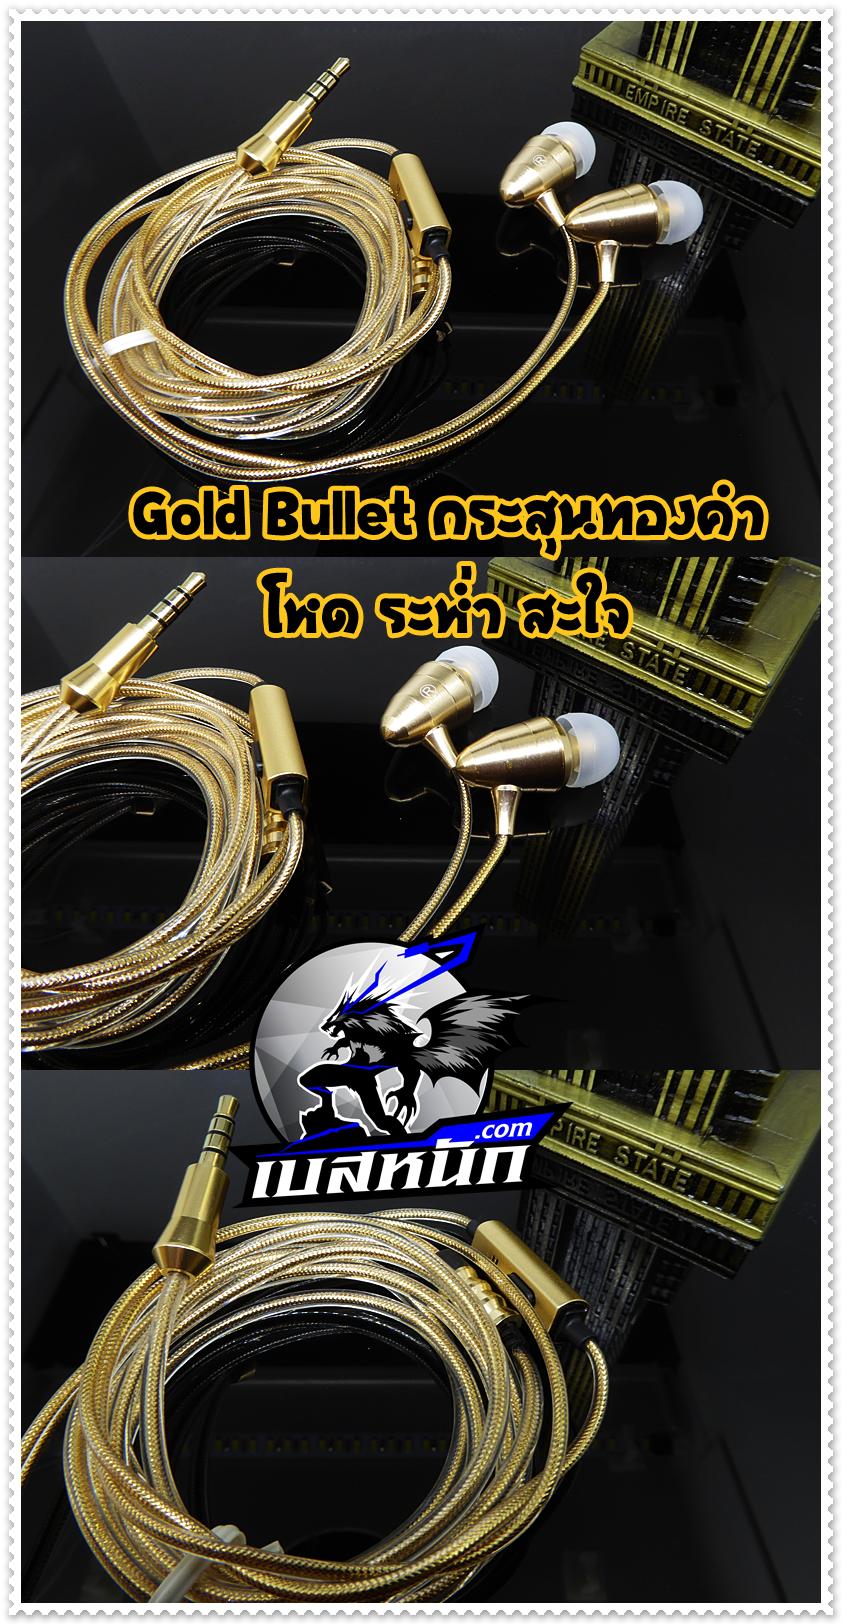 Gold Bullet กระสุนทองคำ ระห่ำหู!! (Small talk)